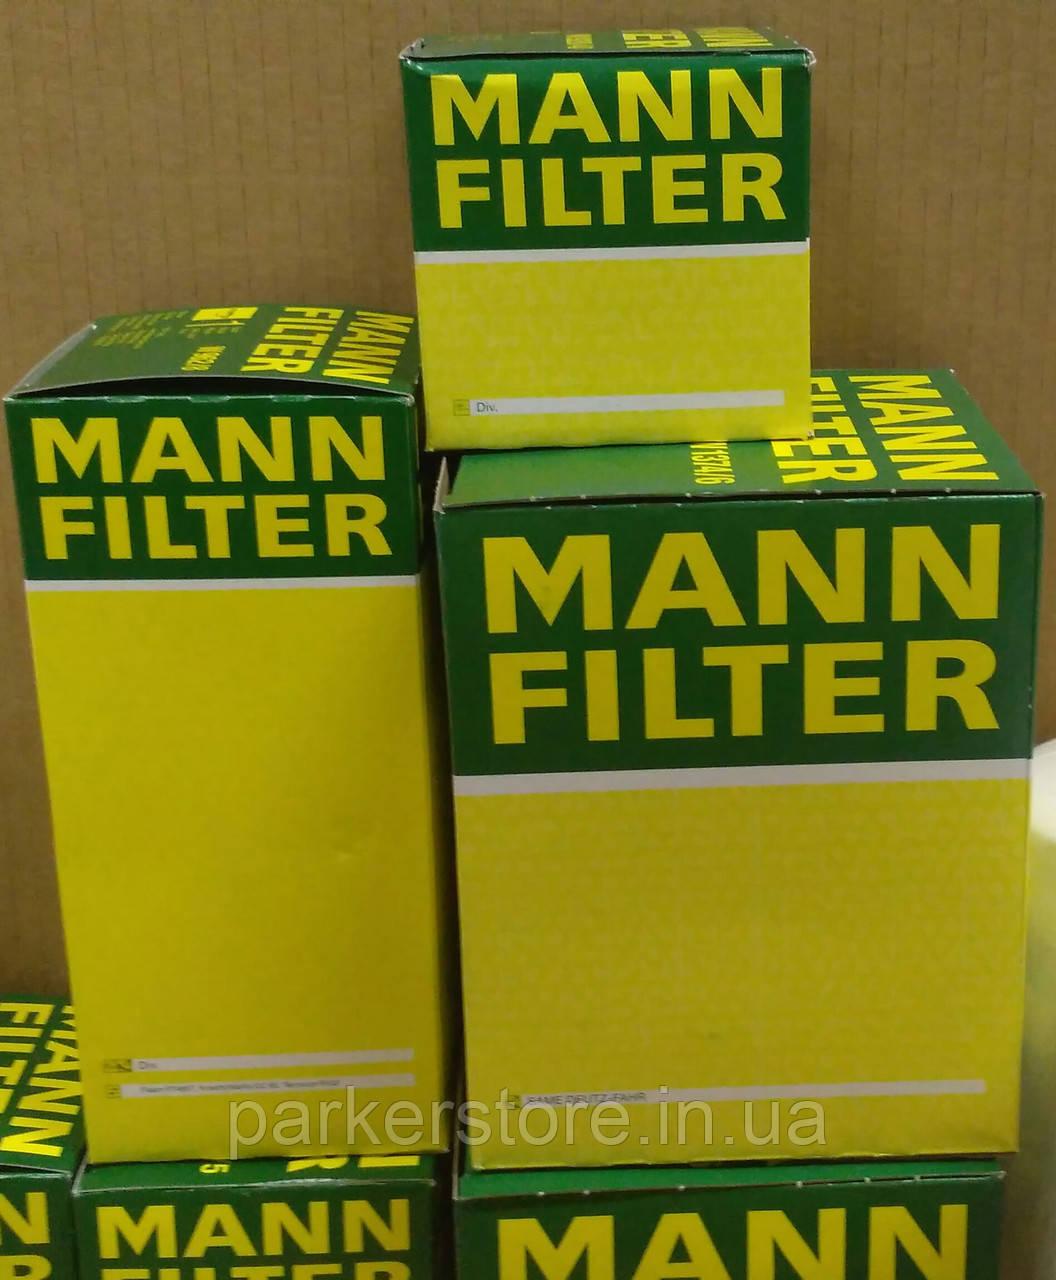 MANN FILTER / Воздушный фильтр / C 24 355 / C24355